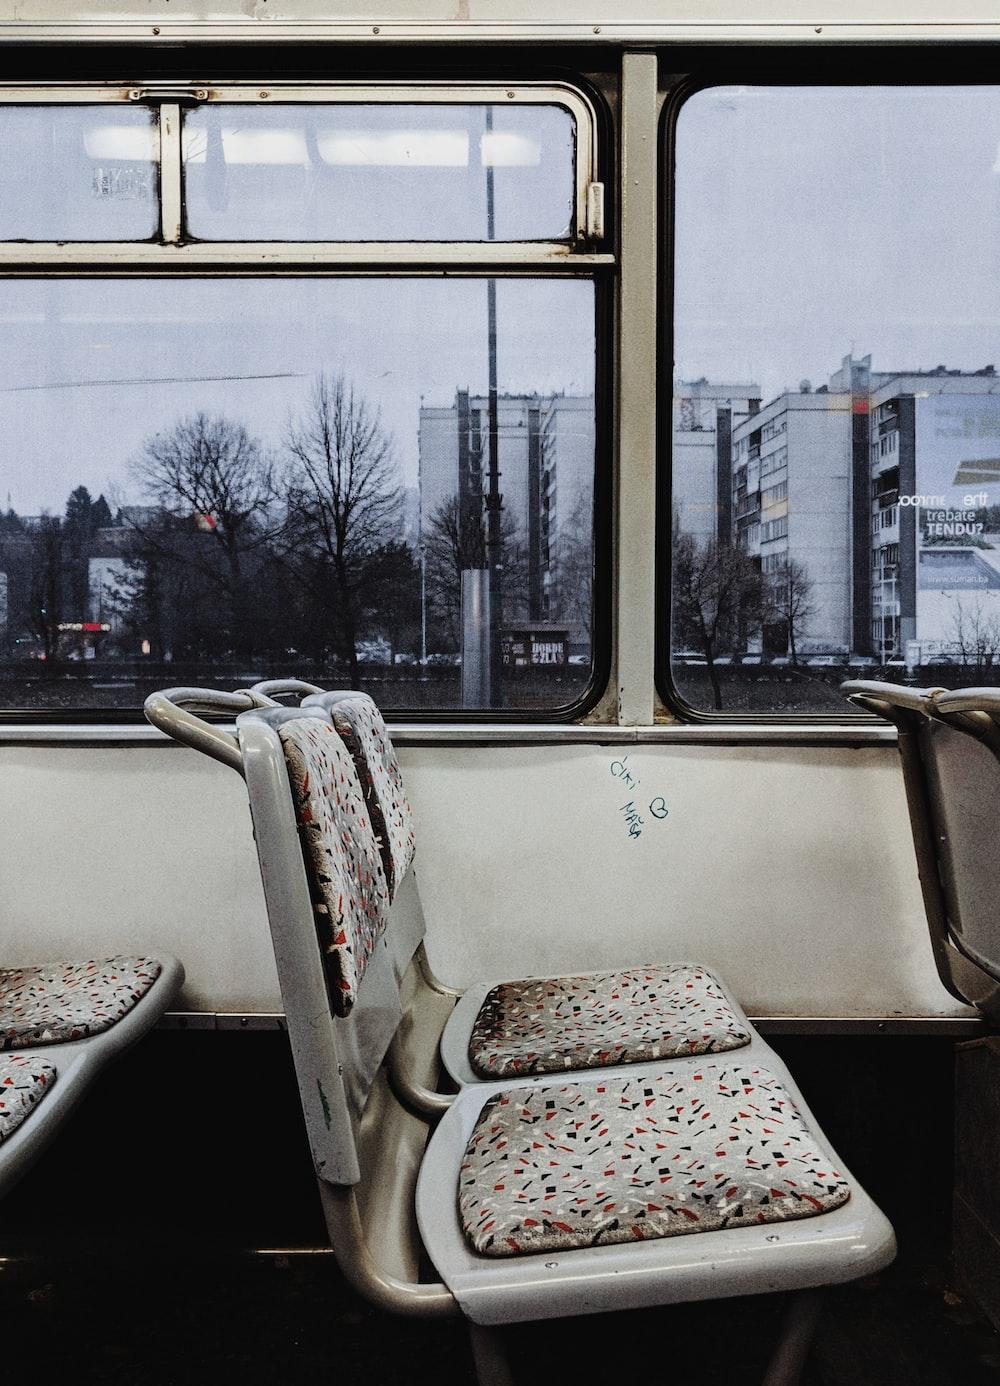 empty bus seat